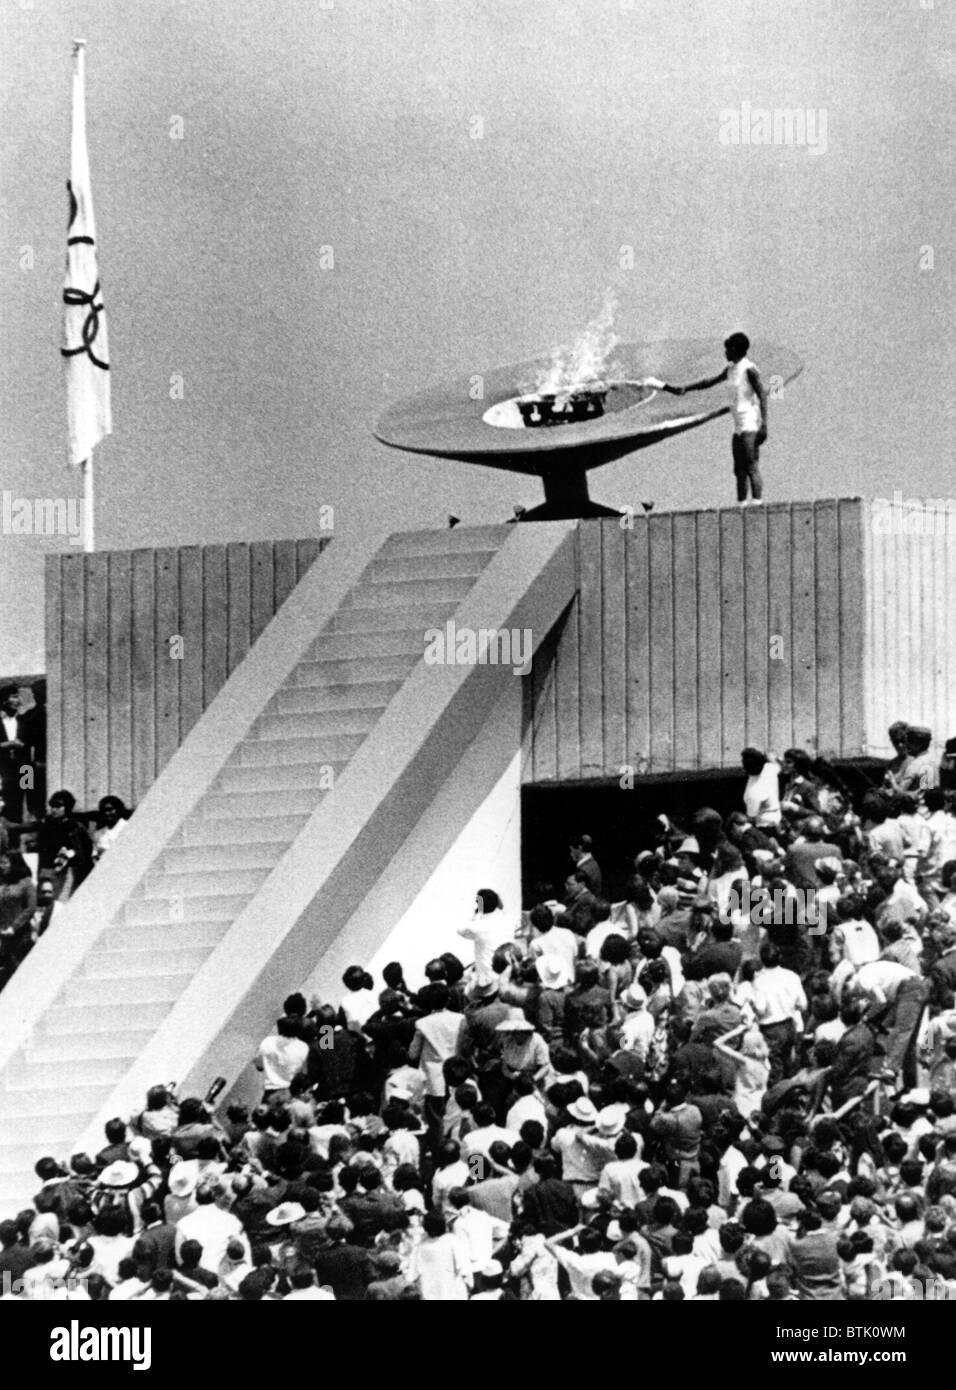 Die olympische Fackel leuchtet durch Mexikanische hürdenspringer Enriqueta Basilio während der Eröffnungsfeier Stockbild